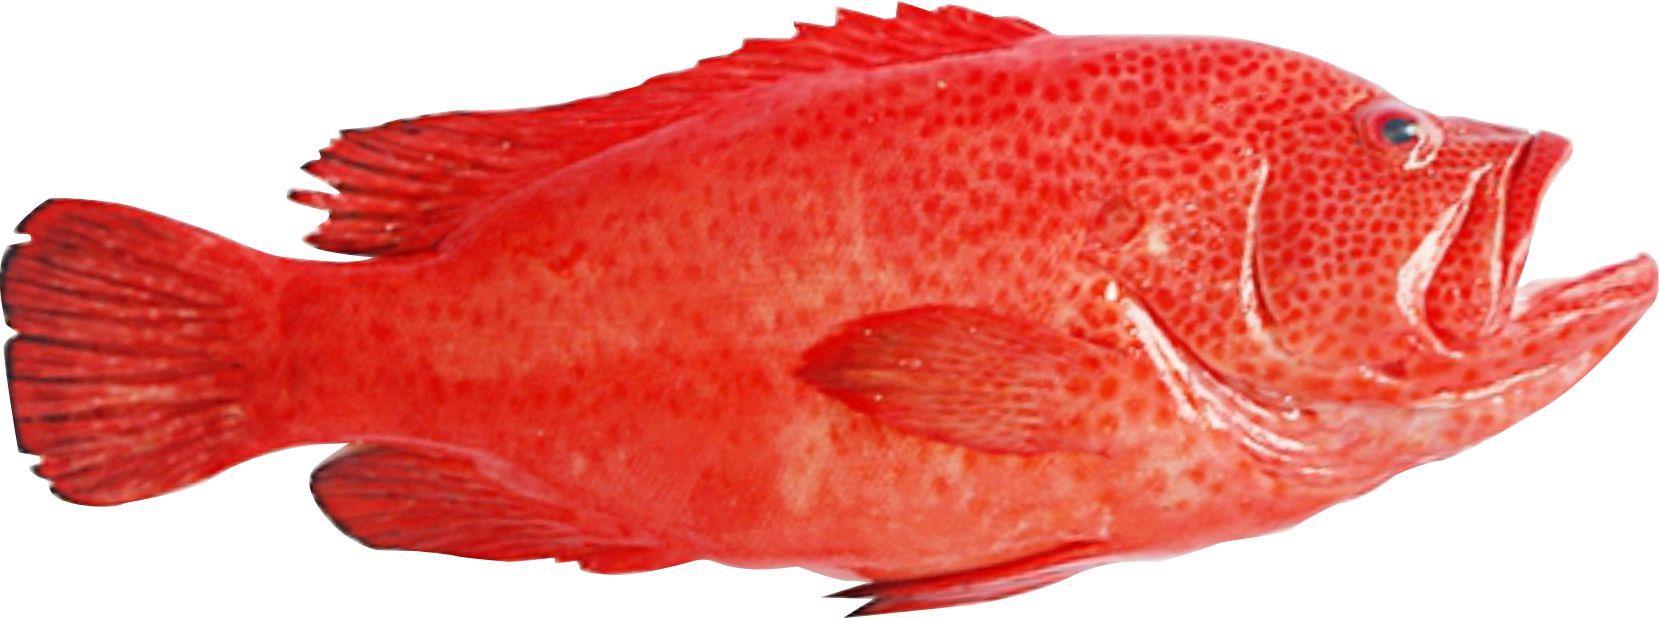 Top 4 hải sản quý hiếm cực kỳ thơm ngon bổ dưỡng